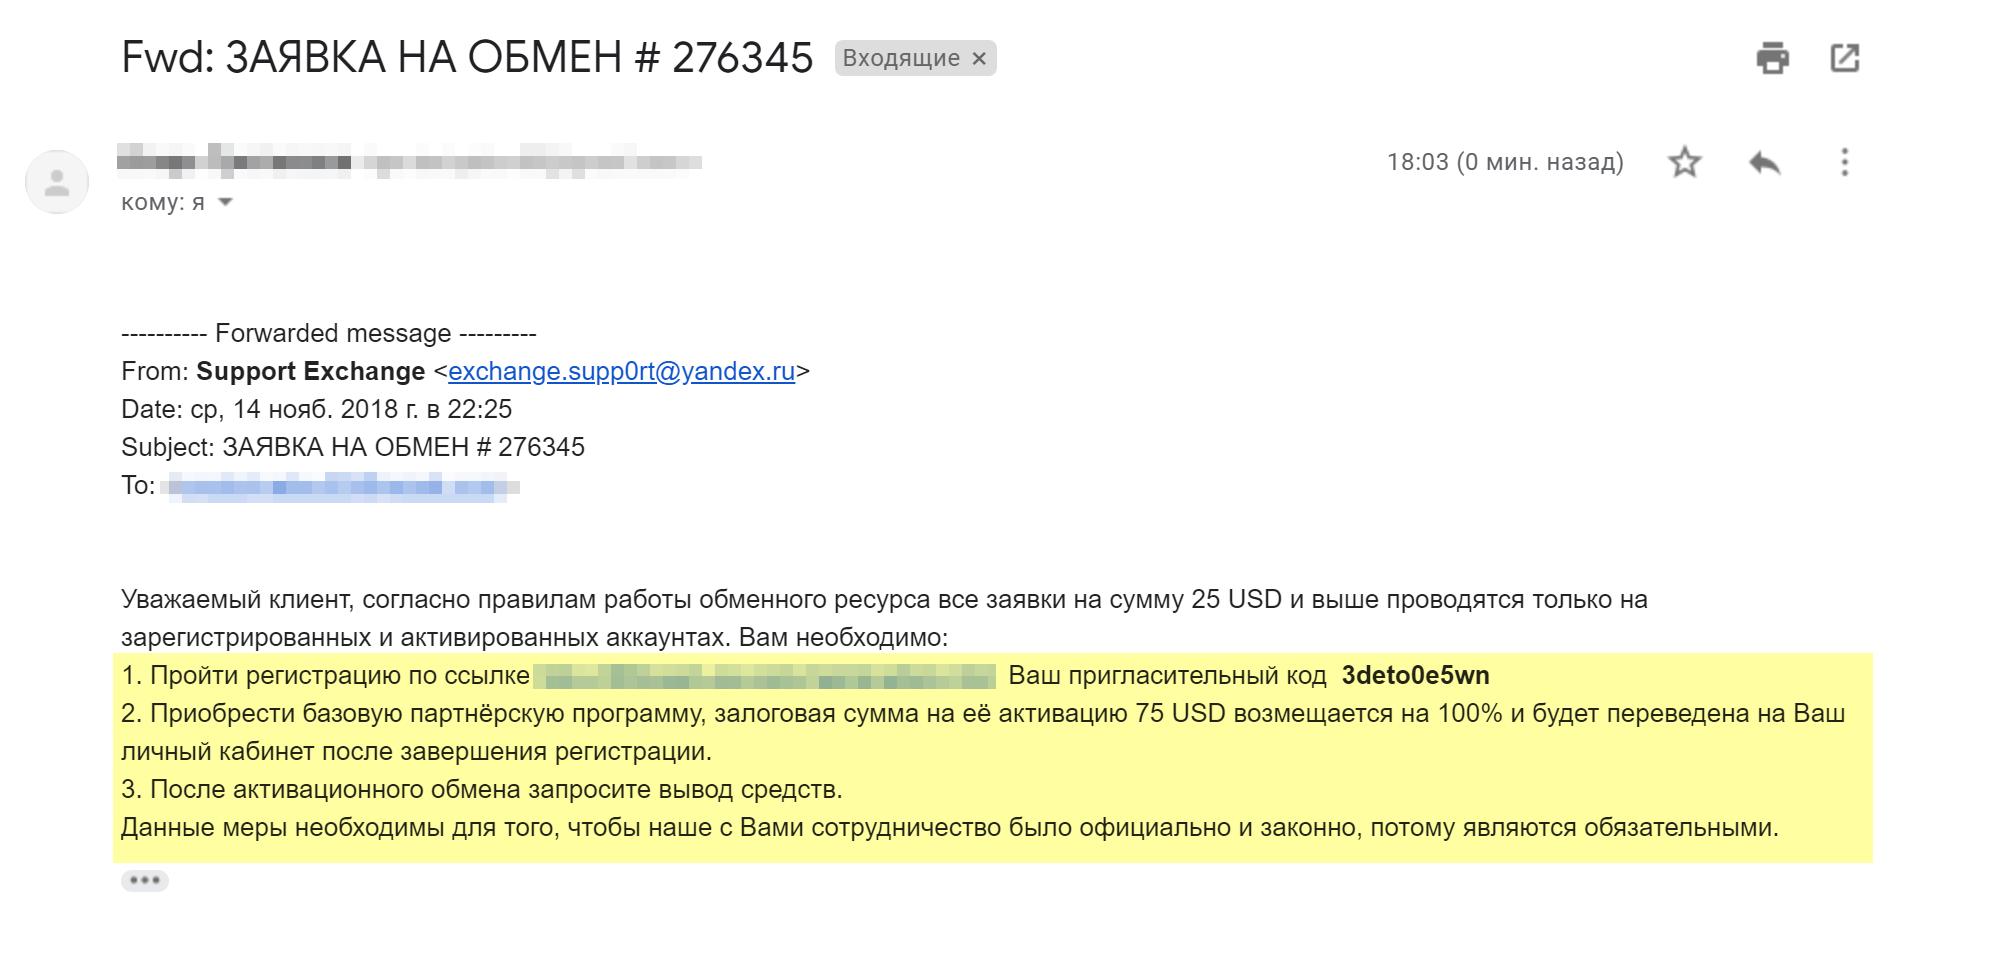 Когда деньги заблокировали, поддержка обменника сказала, что я должен купить партнерскую программу